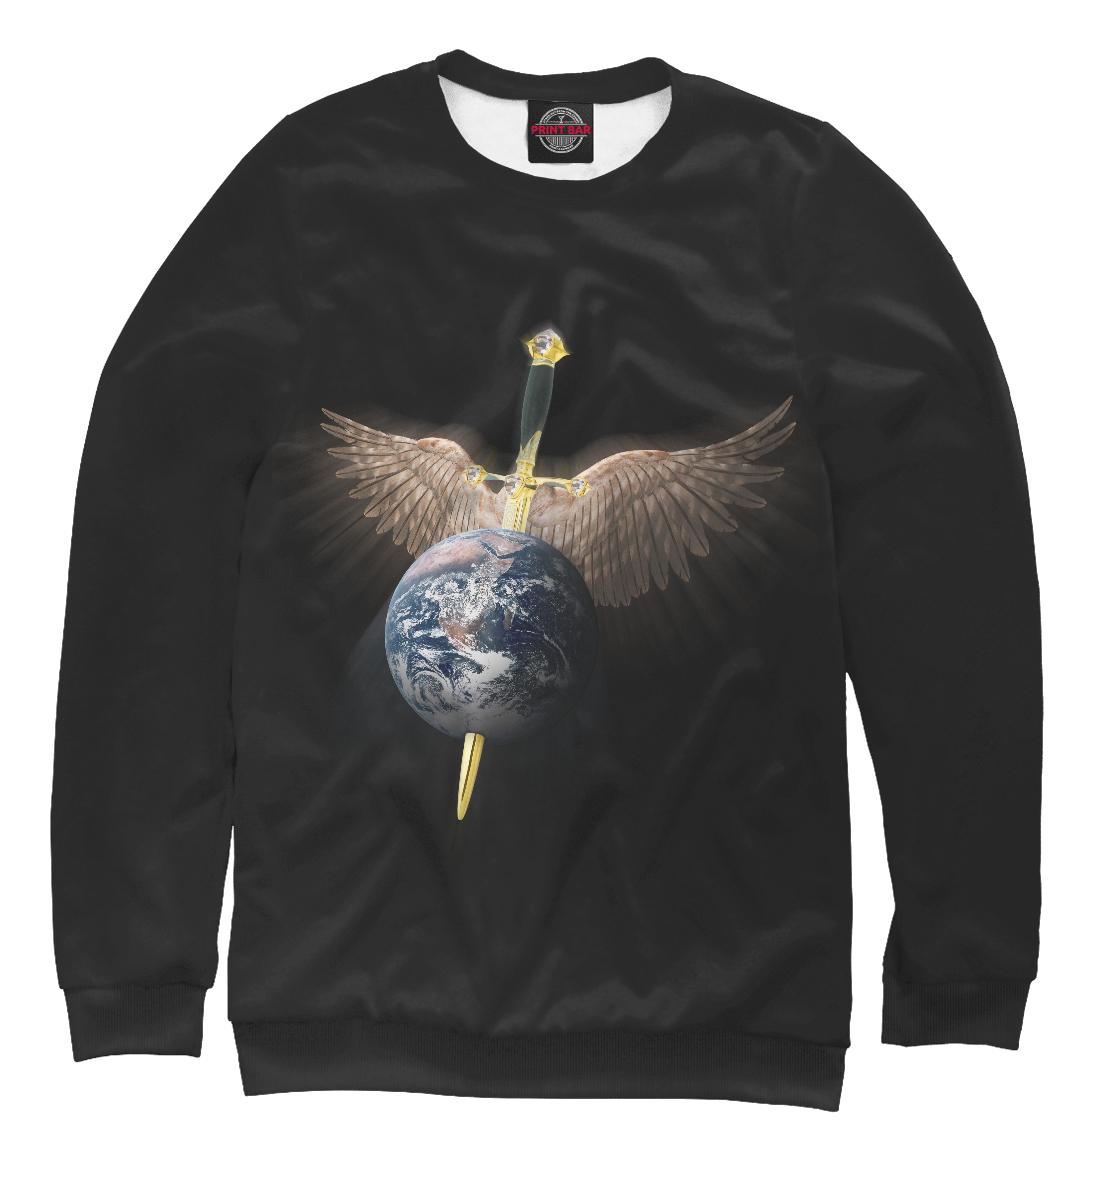 Купить Bon Jovi Logo, Printbar, Свитшоты, MZK-482715-swi-1